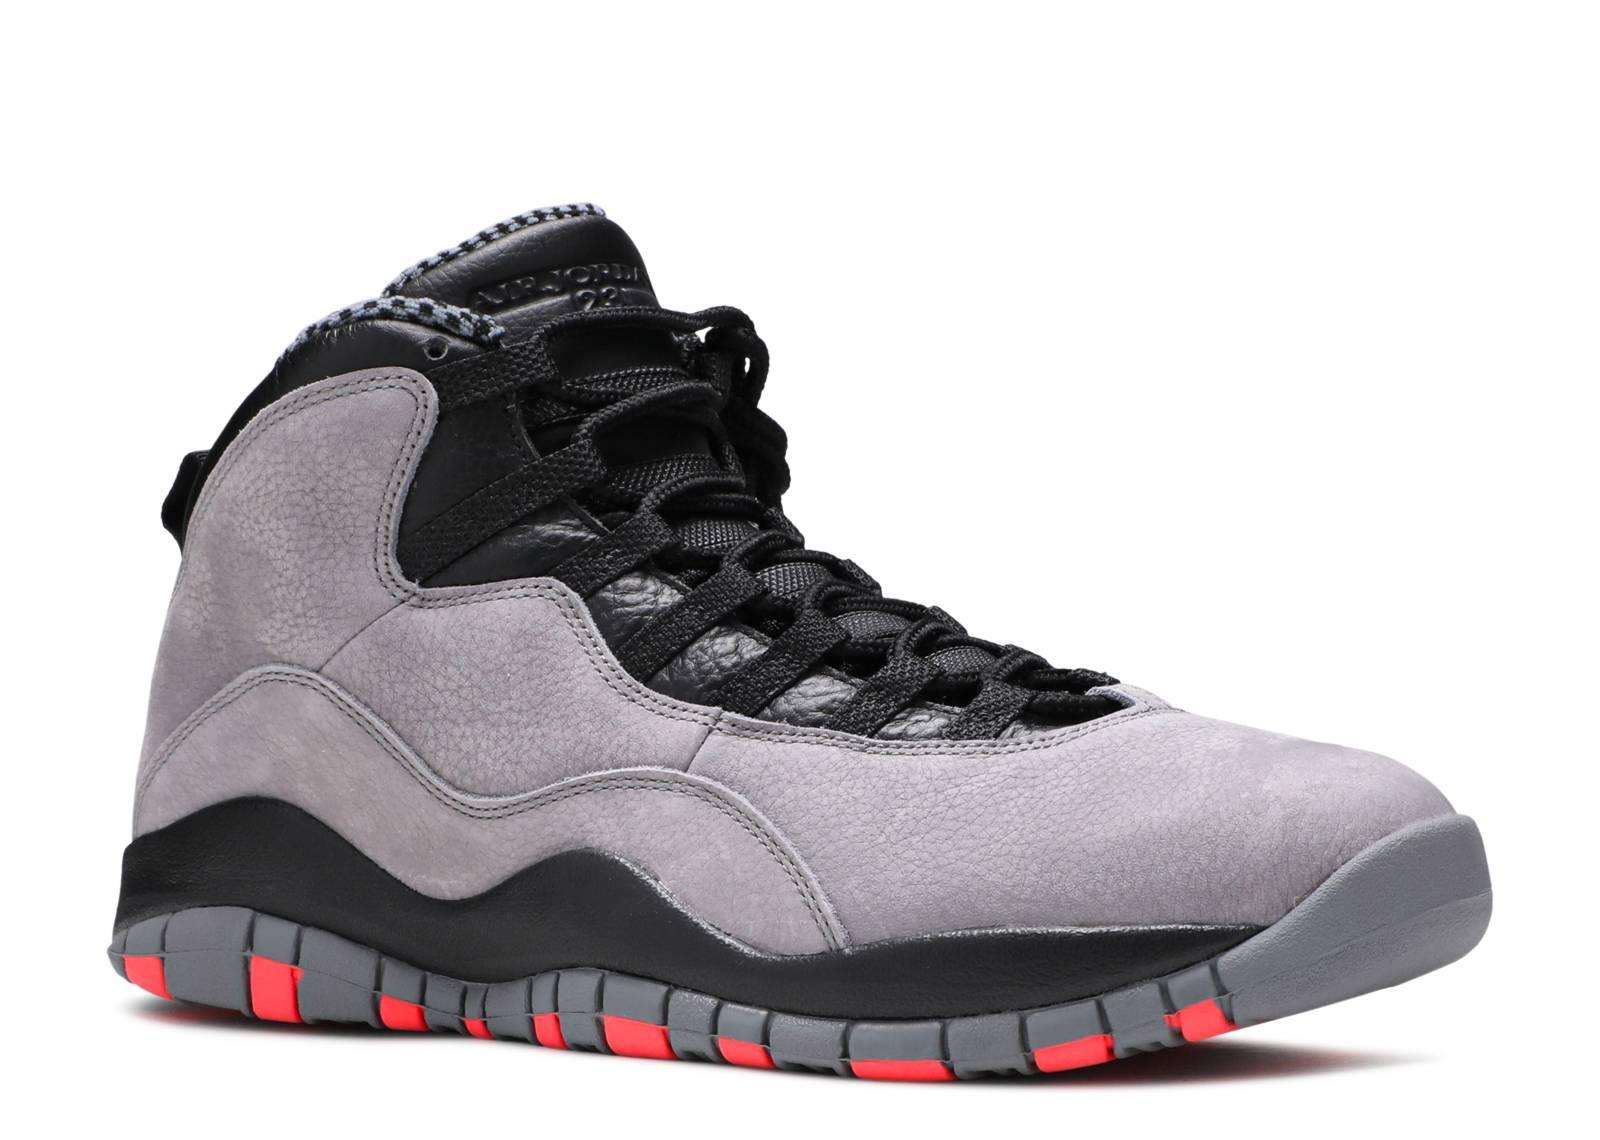 6f076fcb5b0 Air Jordan Retro 10